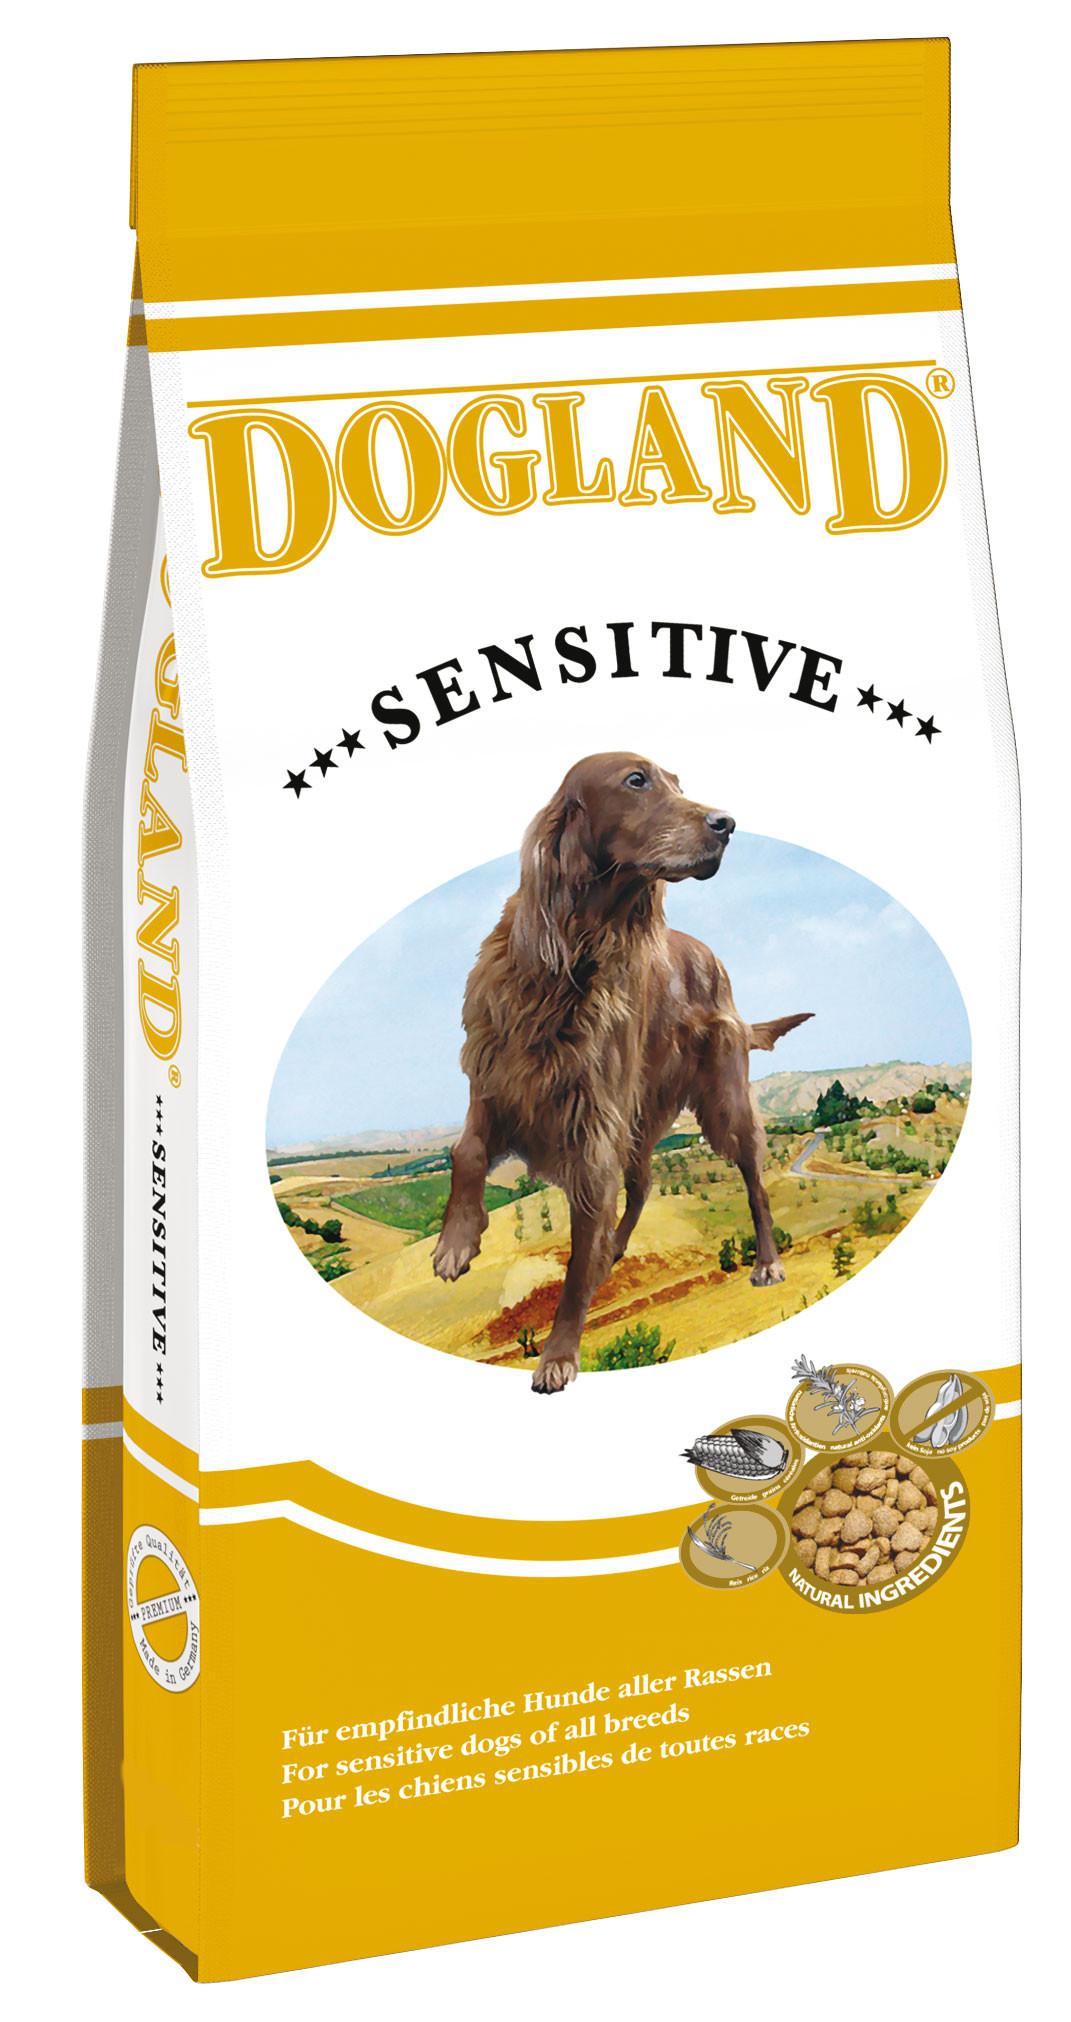 DOGLAND® sensitive